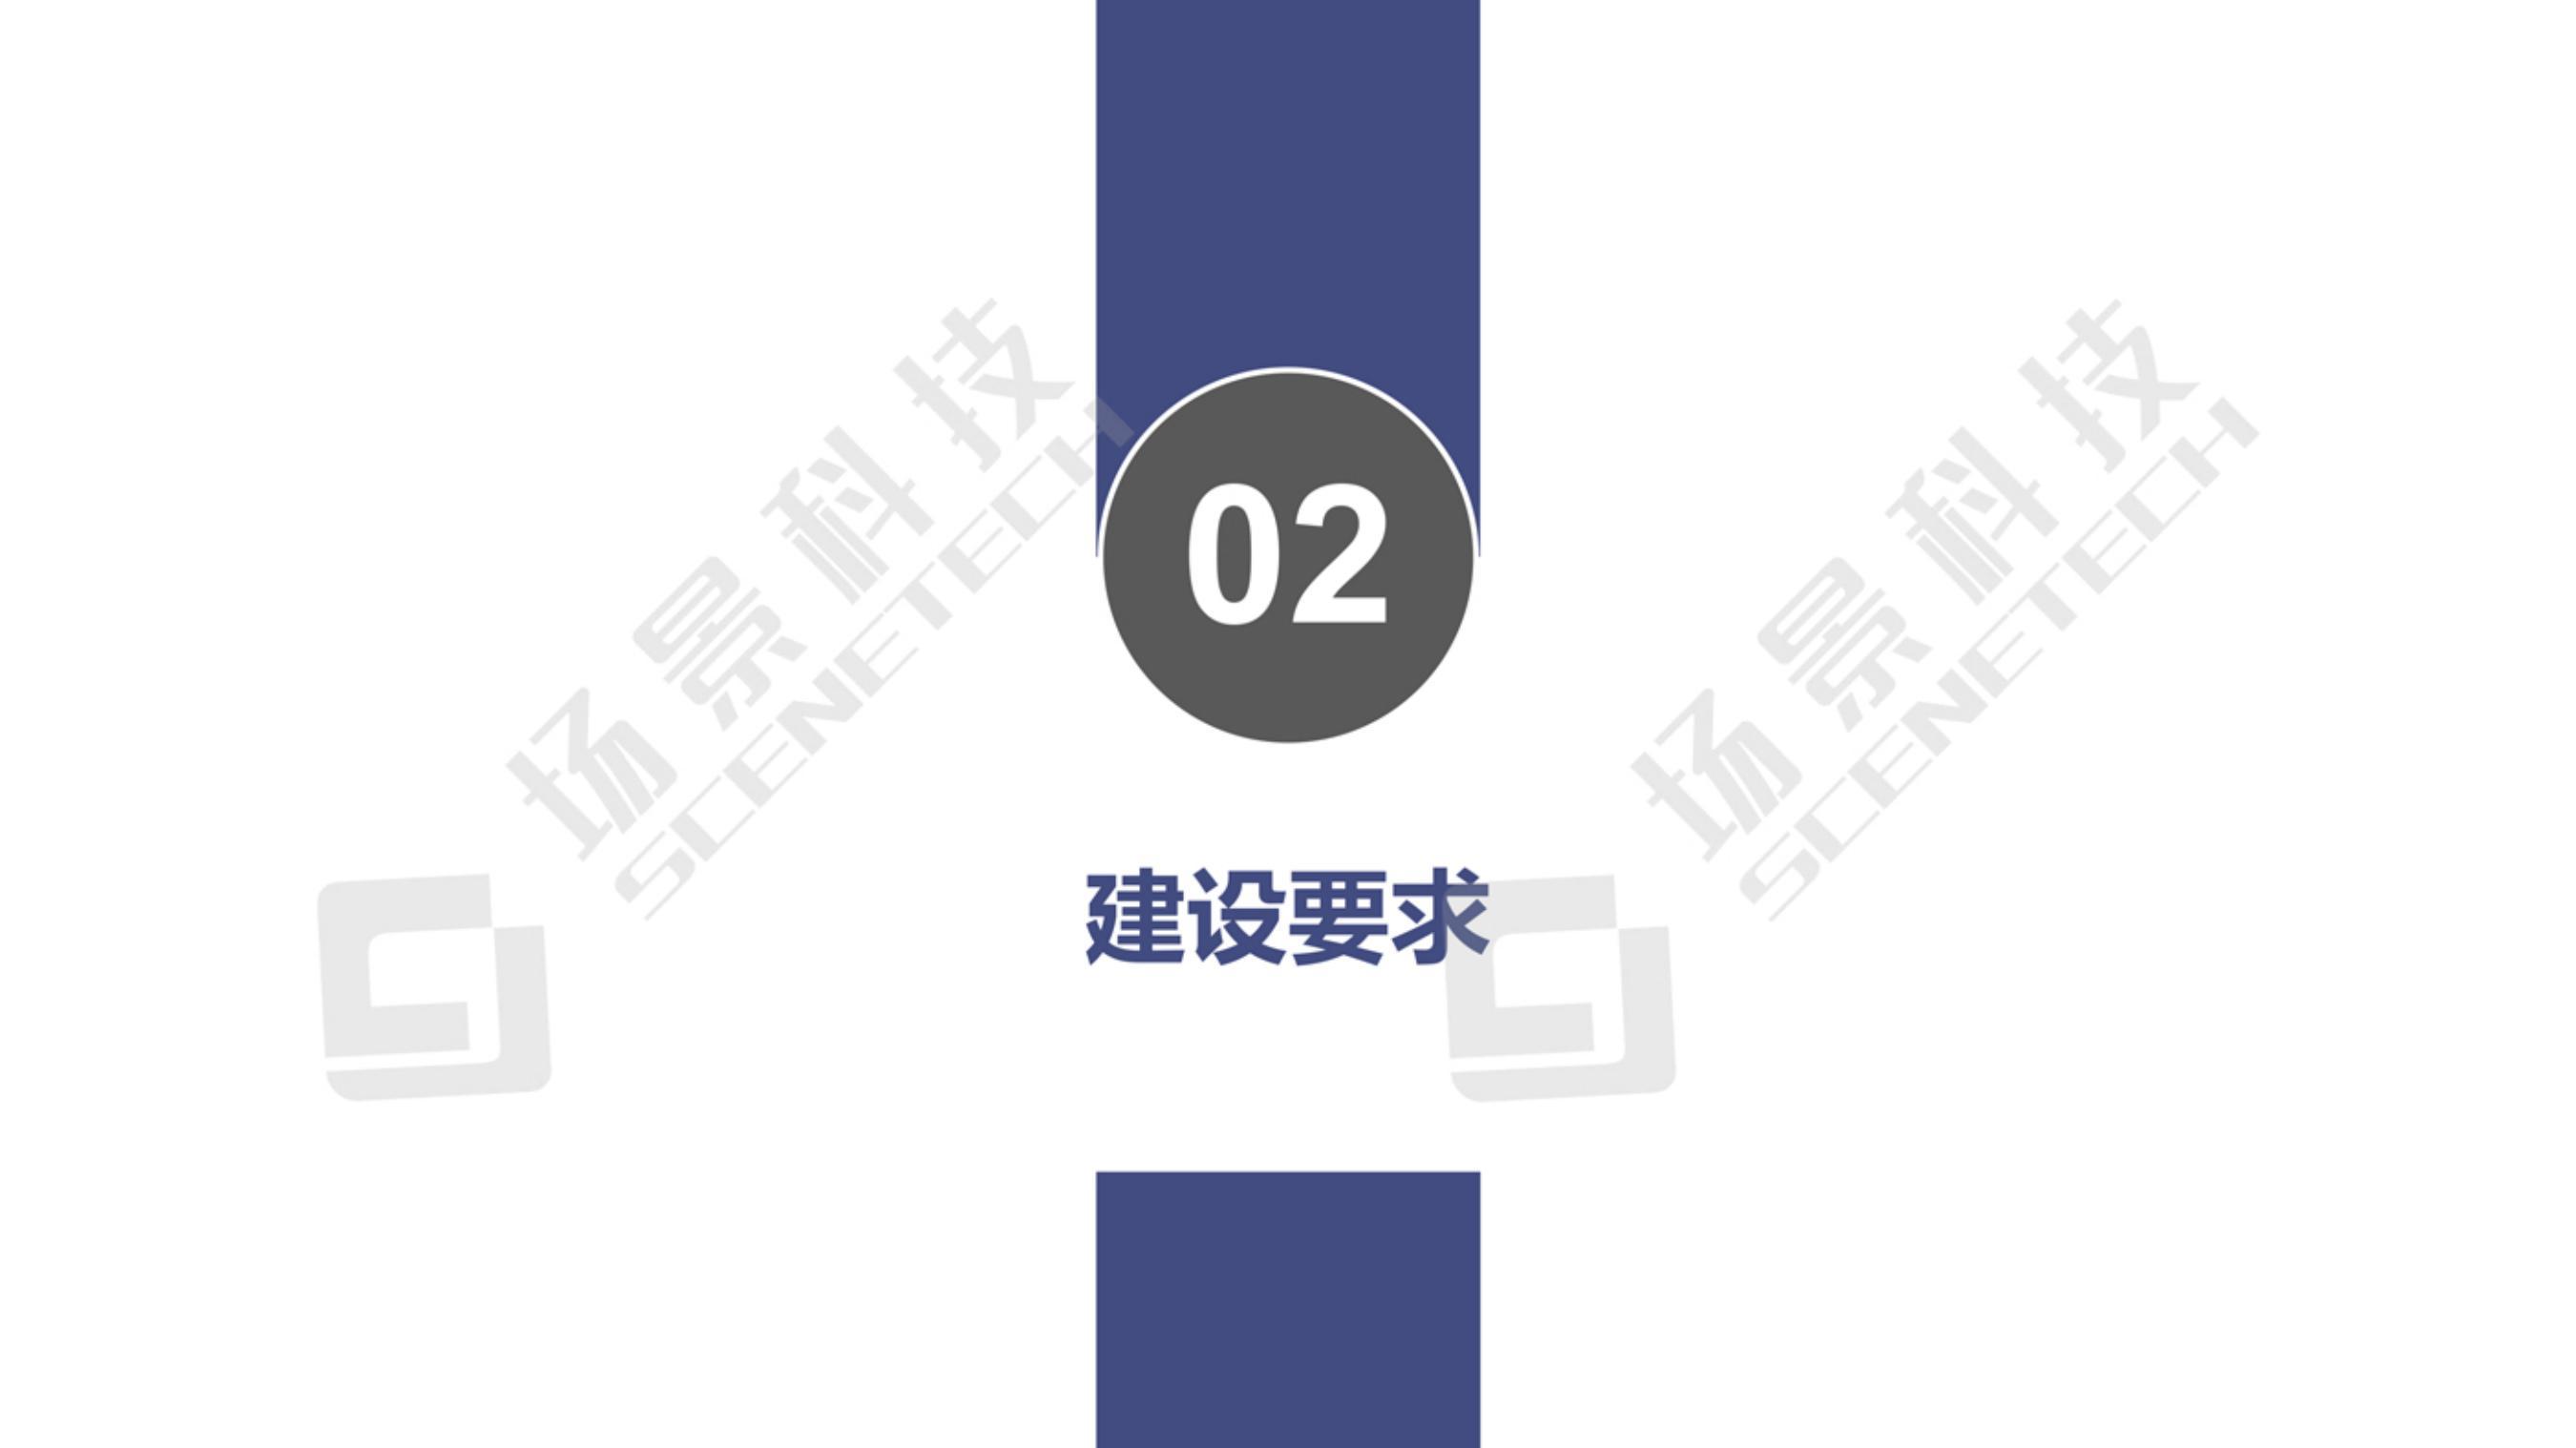 化工安全生产信息化管理解决方案20210511_04